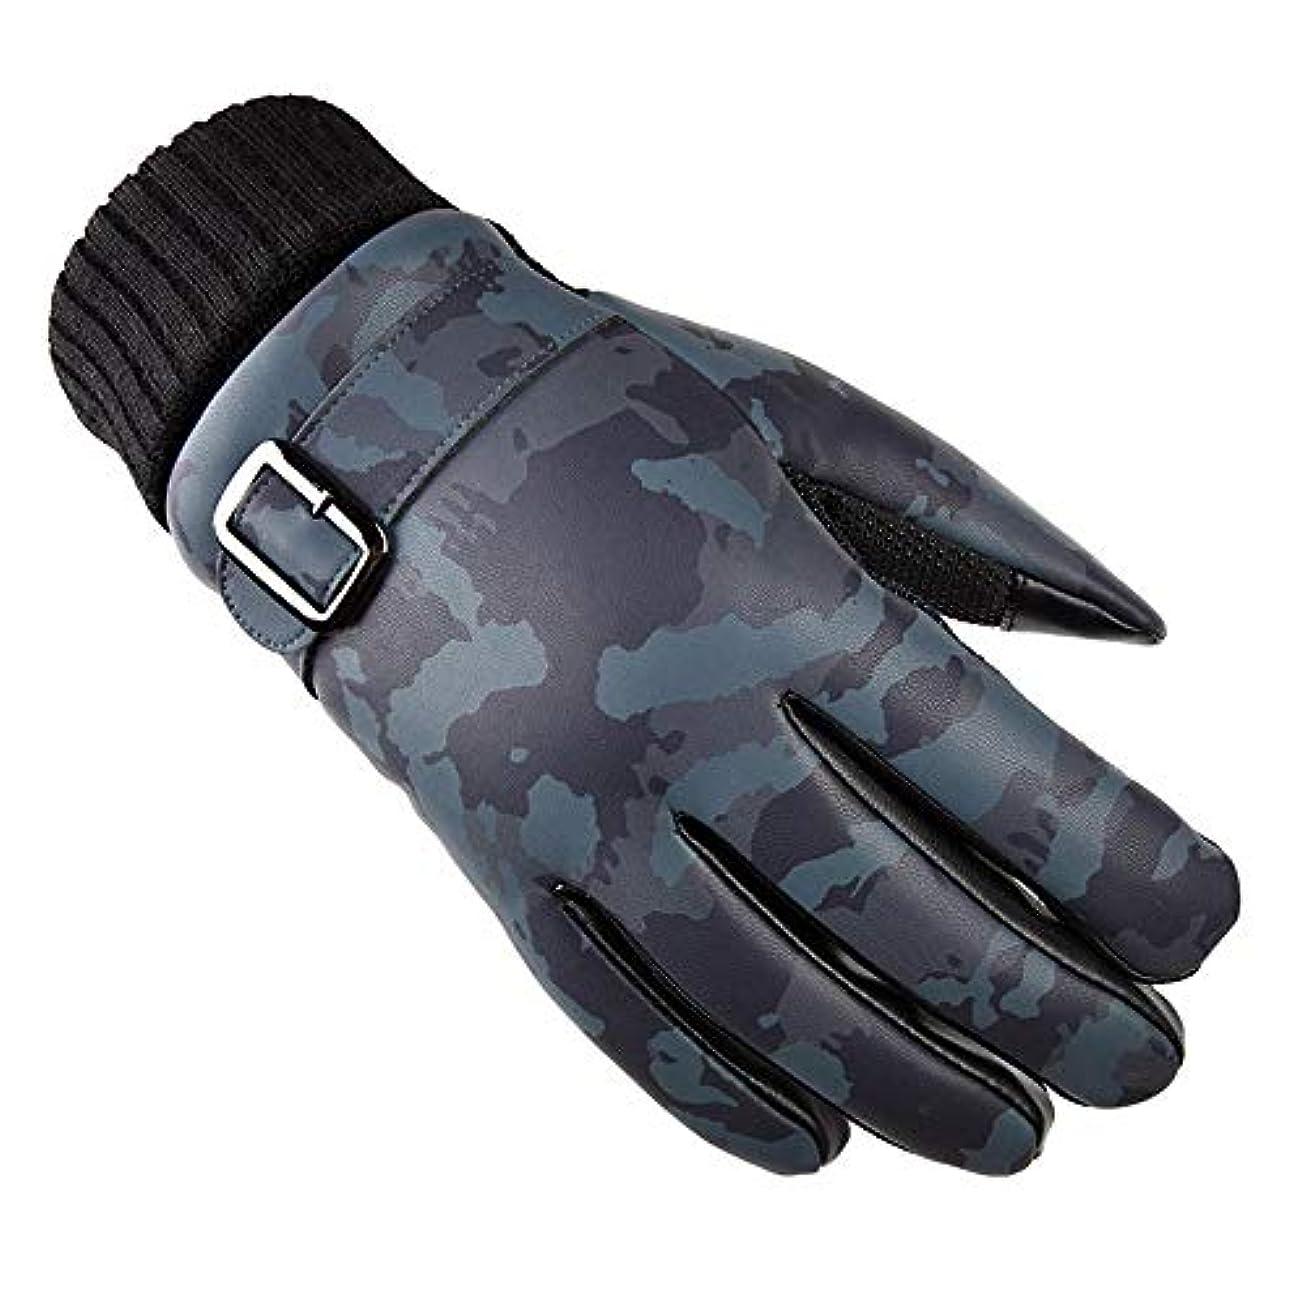 自体スタジオウサギ手袋、防風および耐寒性、タッチスクリーンメンズレザー手袋、冬の屋外スキー、乗馬、登山スポーツ手袋,Blue